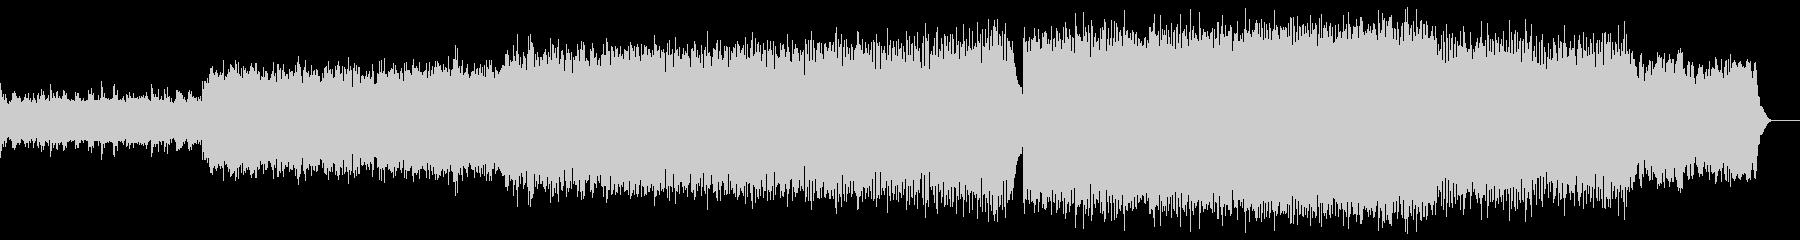 PVをイメージしたさわやかなで切ない曲の未再生の波形